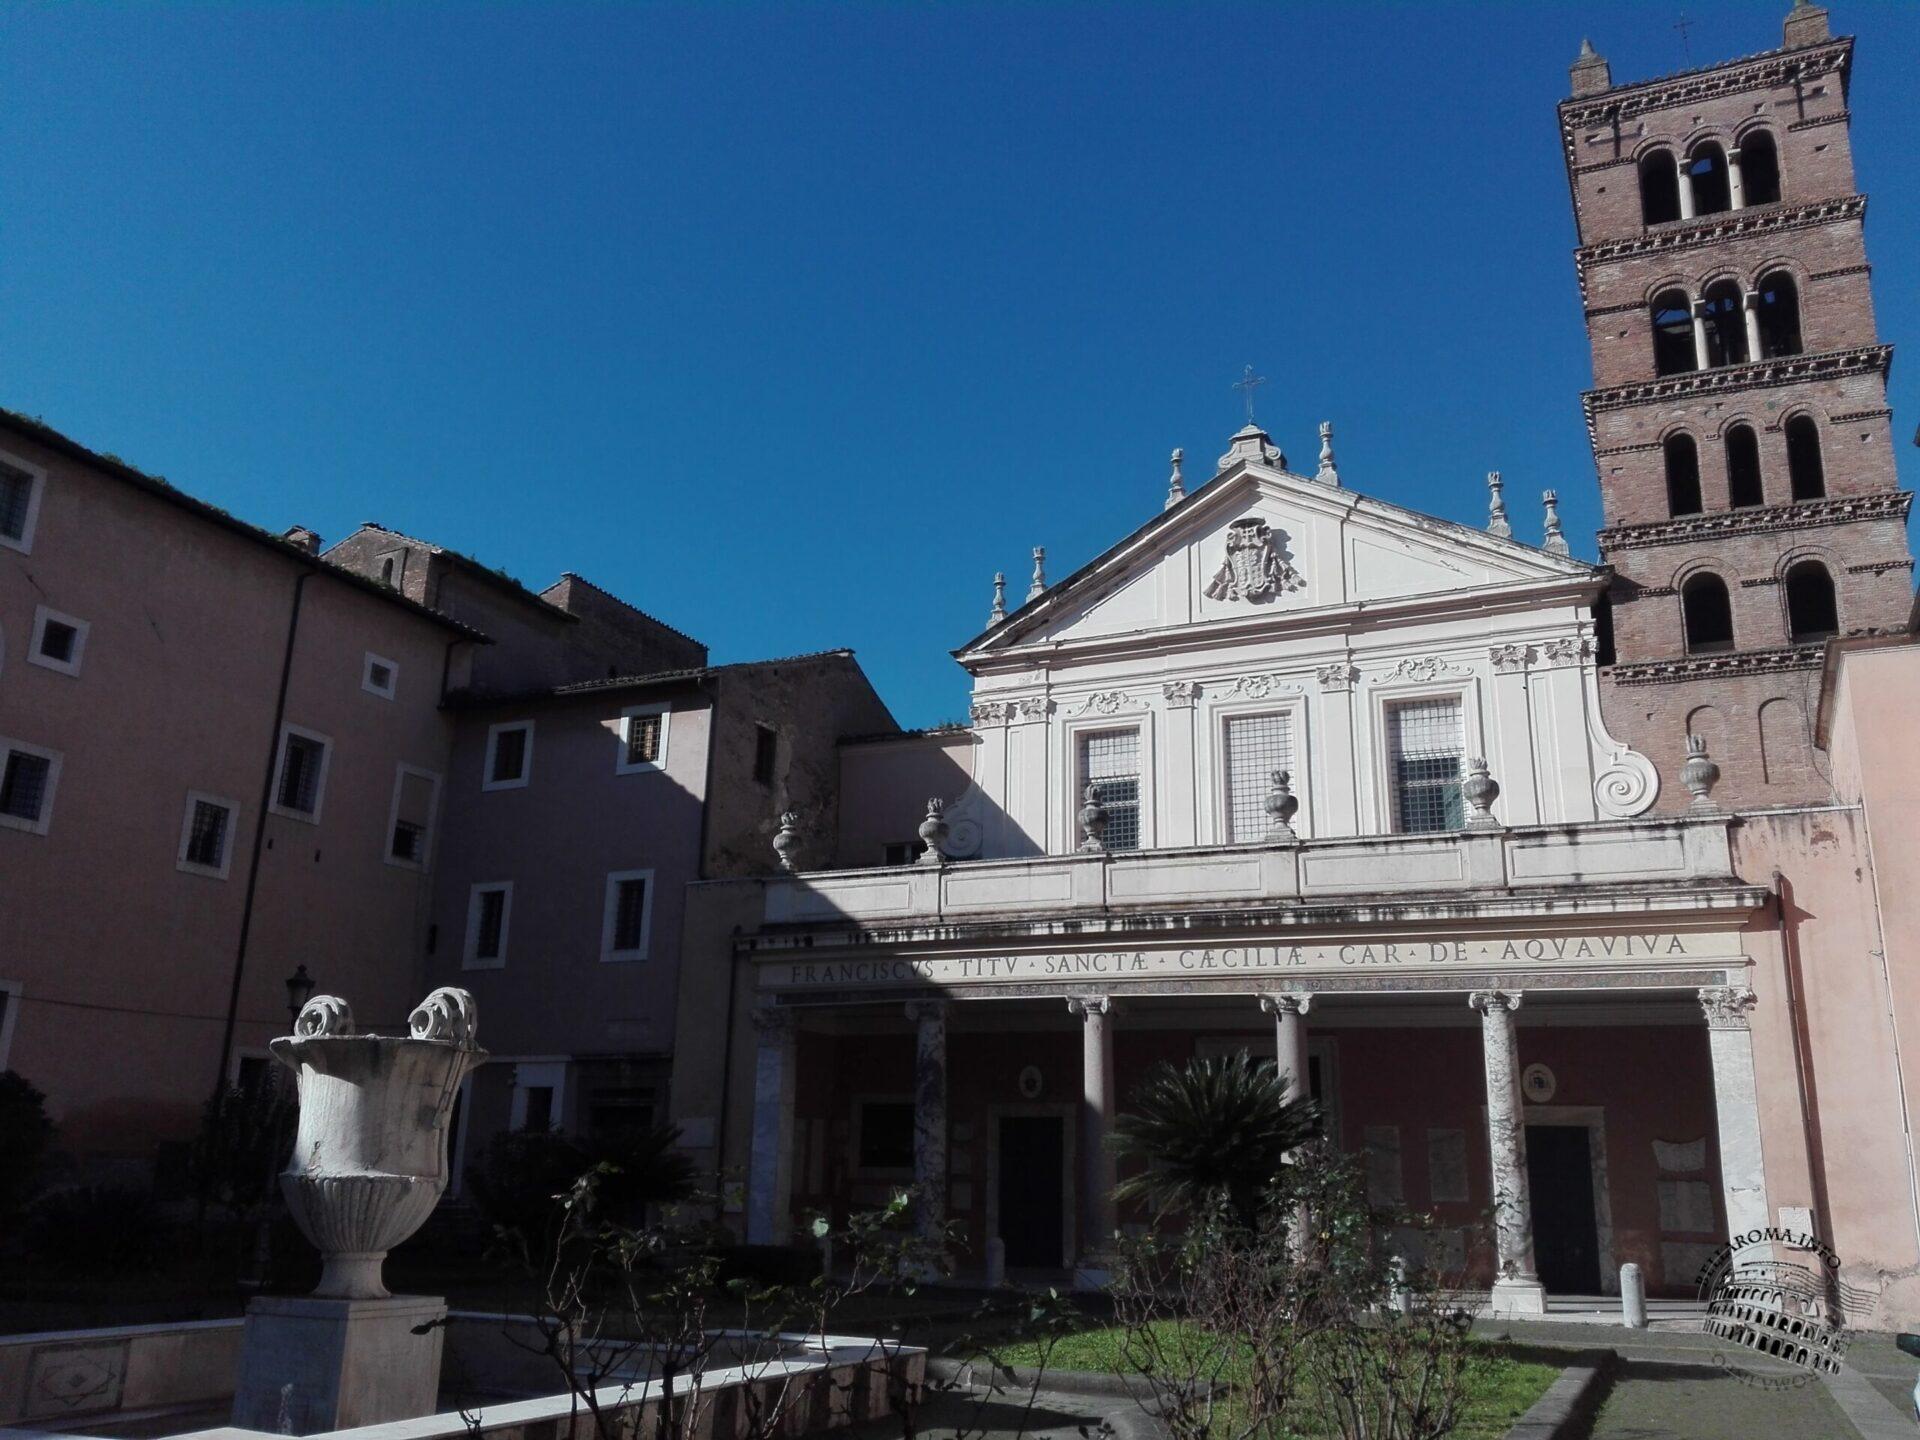 Chiesa di Santa Cecilia in Trastevere, Roma